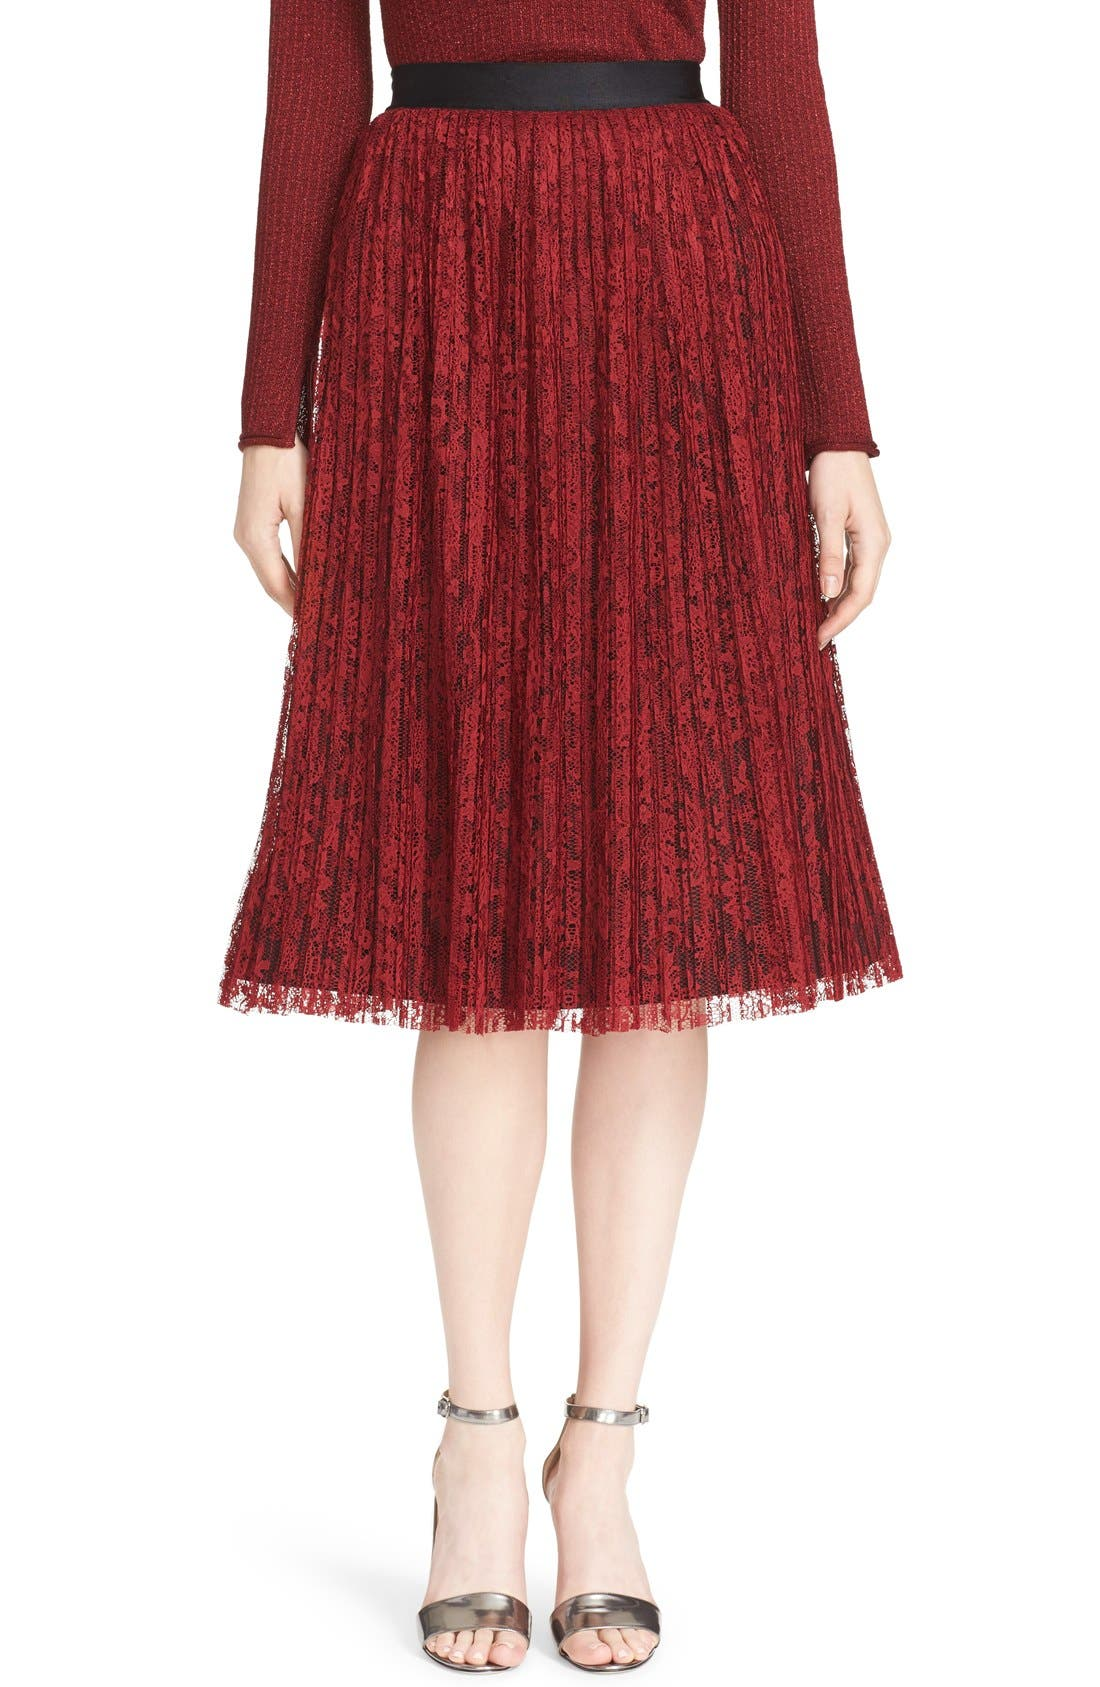 Alternate Image 1 Selected - Alice + Olivia 'Mikaela' Pleat Lace Midi Skirt